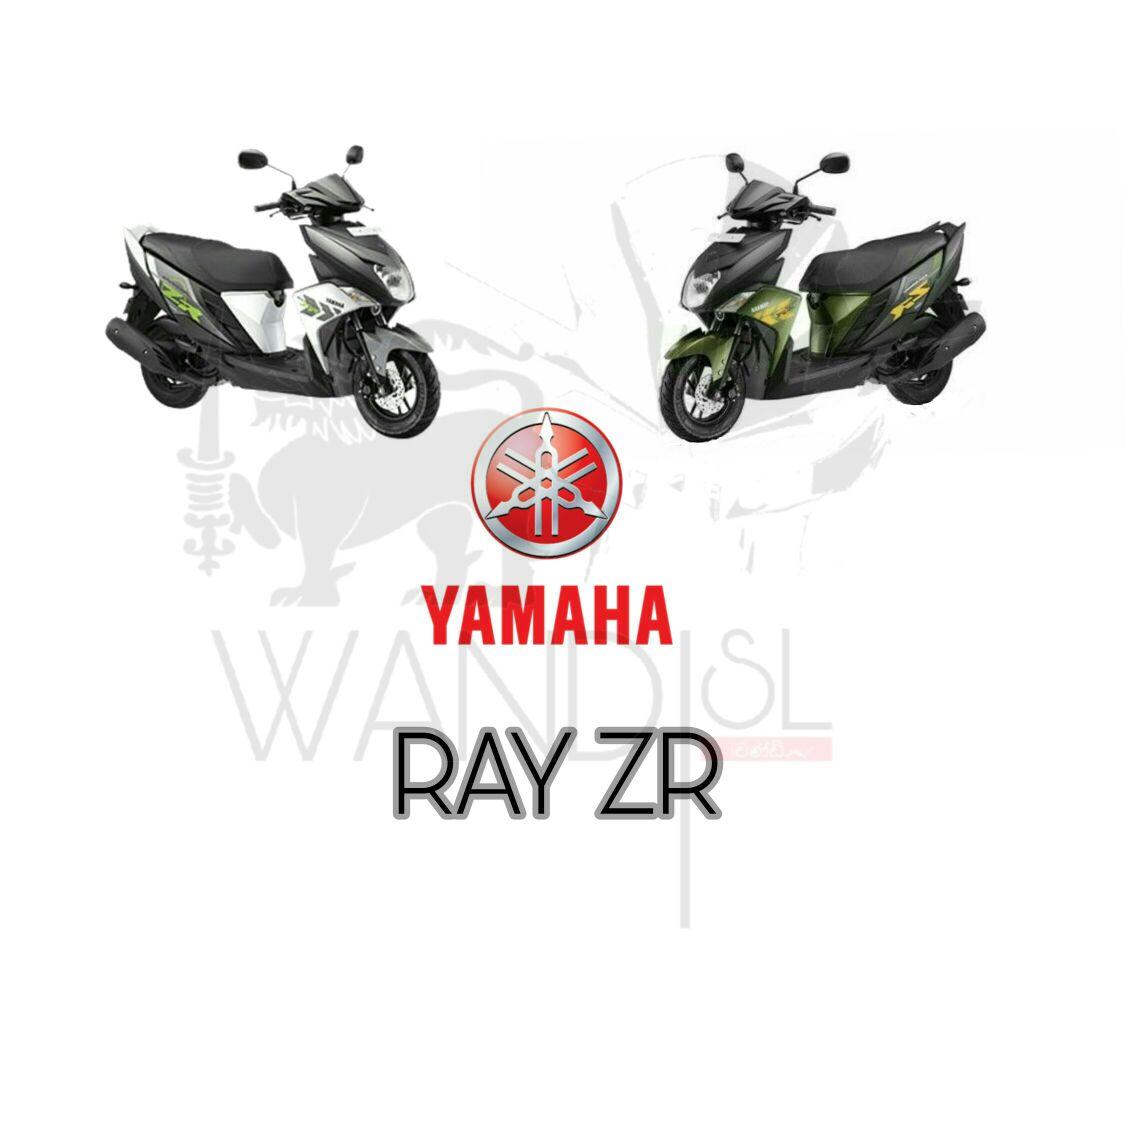 Scooter Yamaha Ray Zr